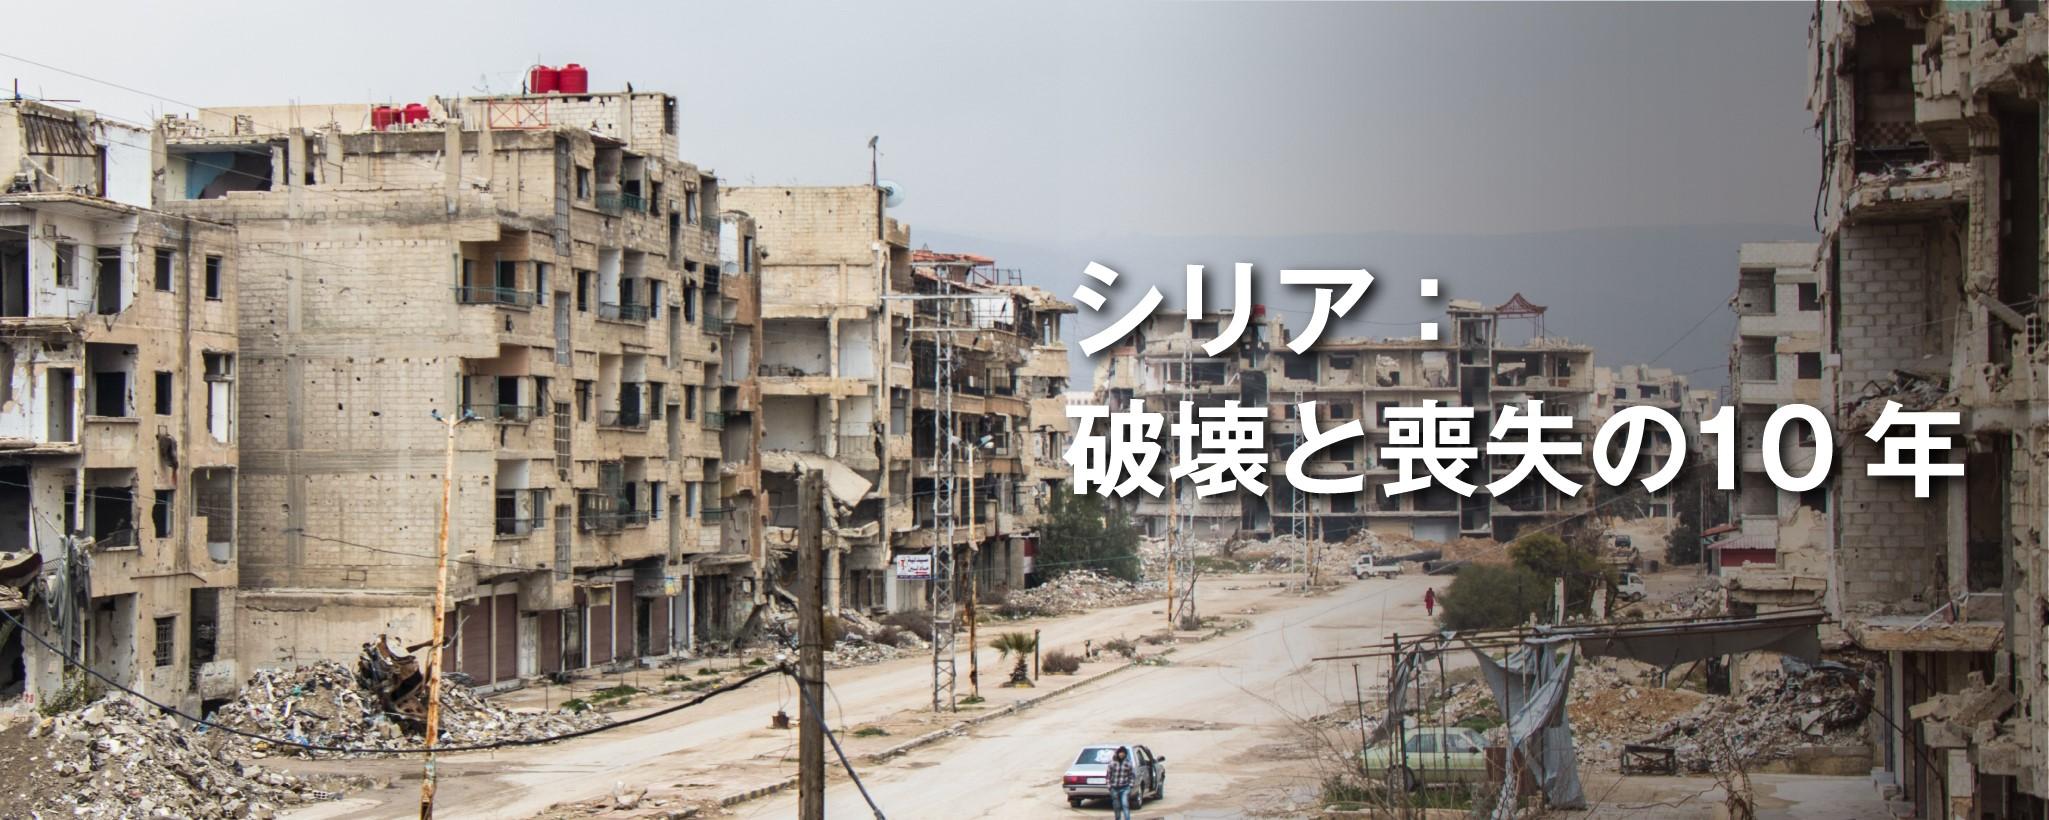 紛争により人がいなくなり、荒廃したシリア国内の住居と道路